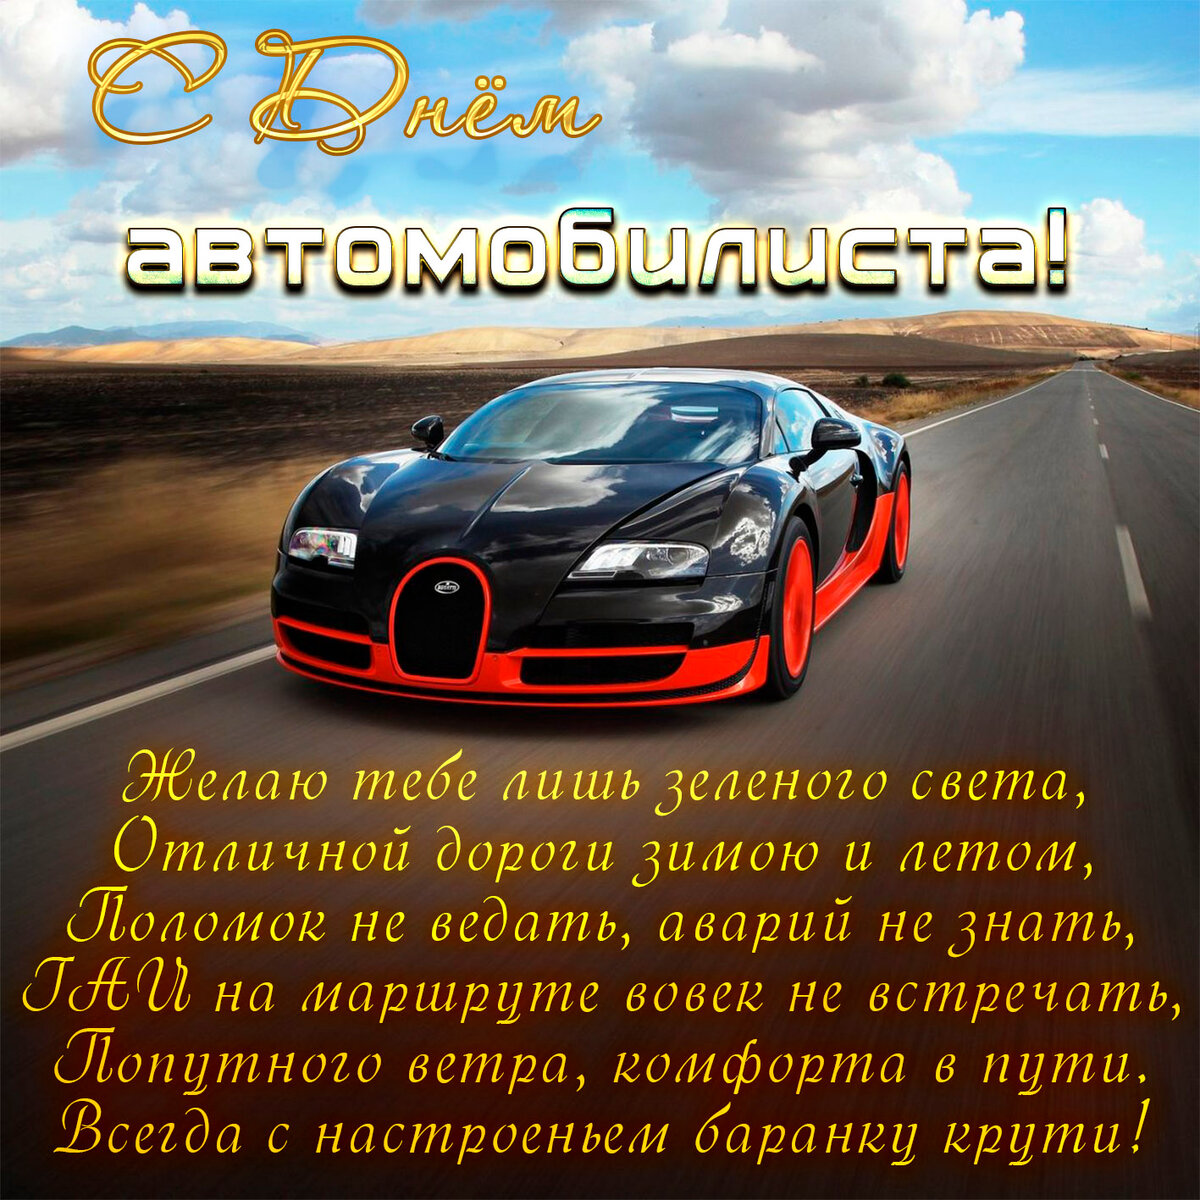 Прикольное поздравление в стихах к дню автомобилиста